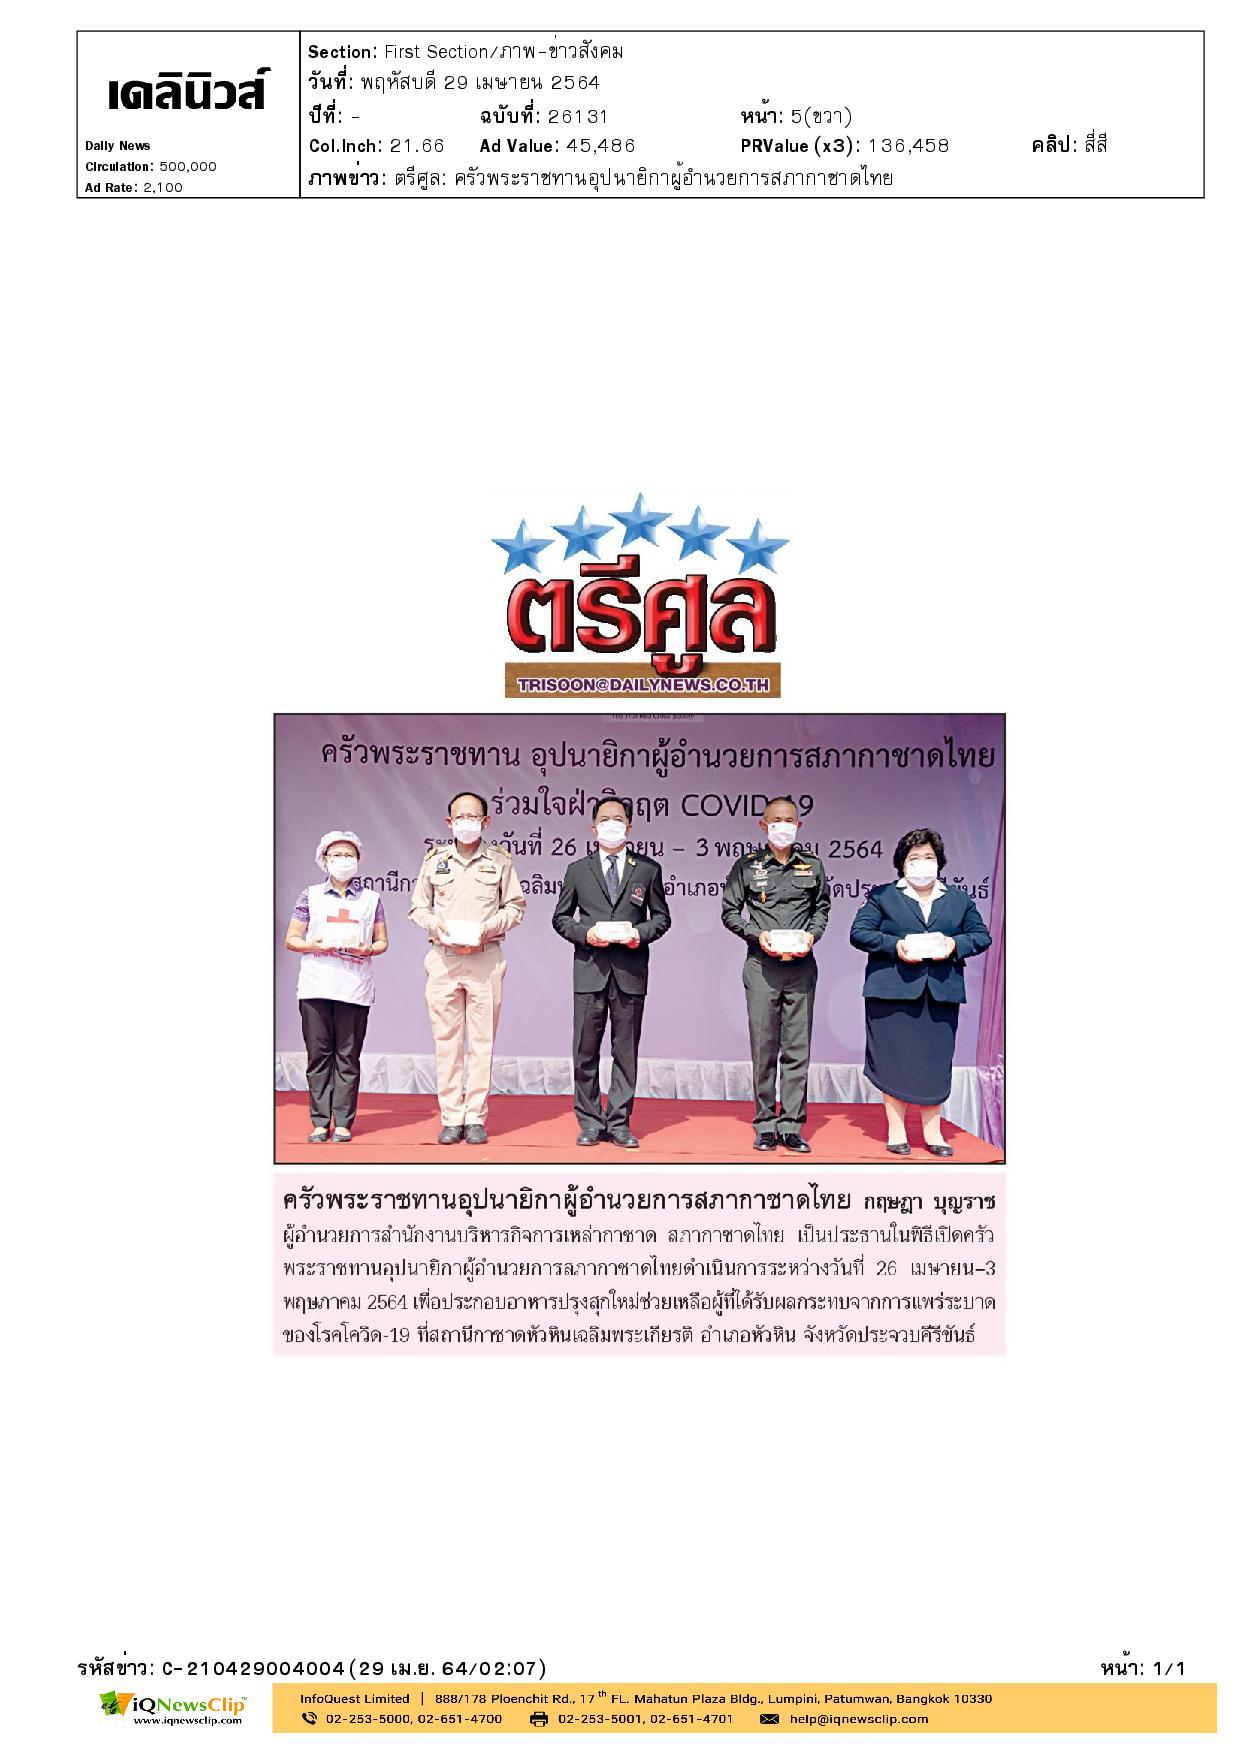 """""""ครัวพระราชทาน อุปนายิกาสภากาชาดไทย"""""""